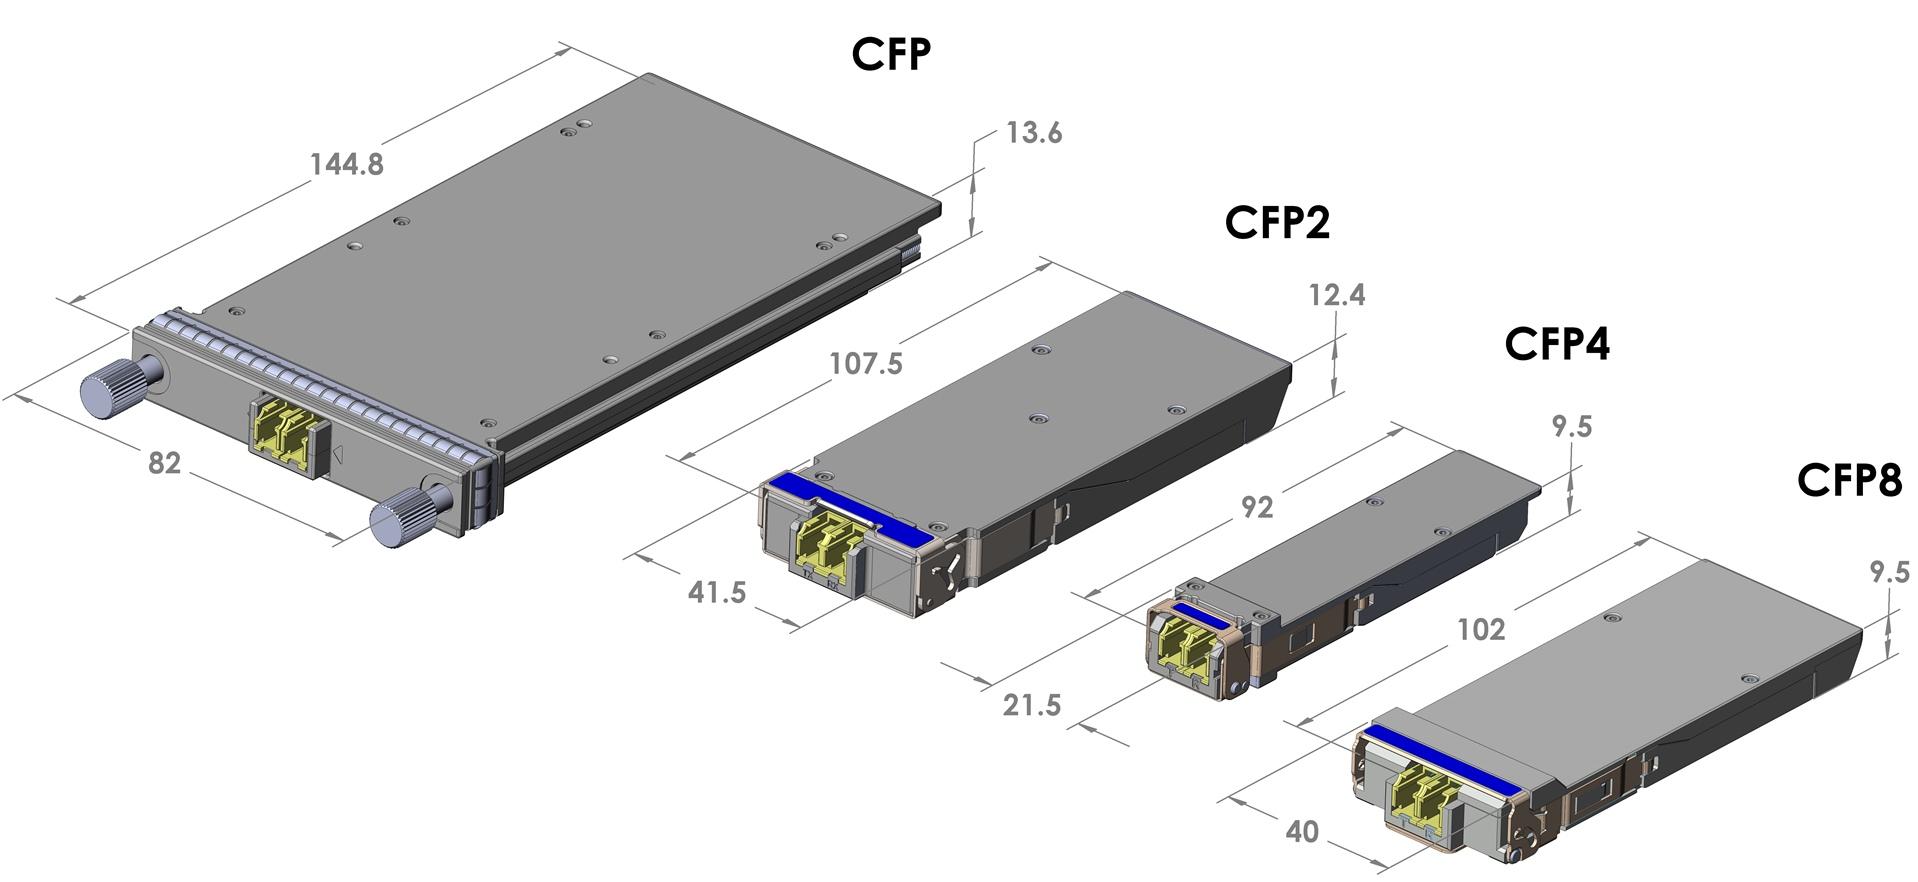 CFP transceiver module comparisons